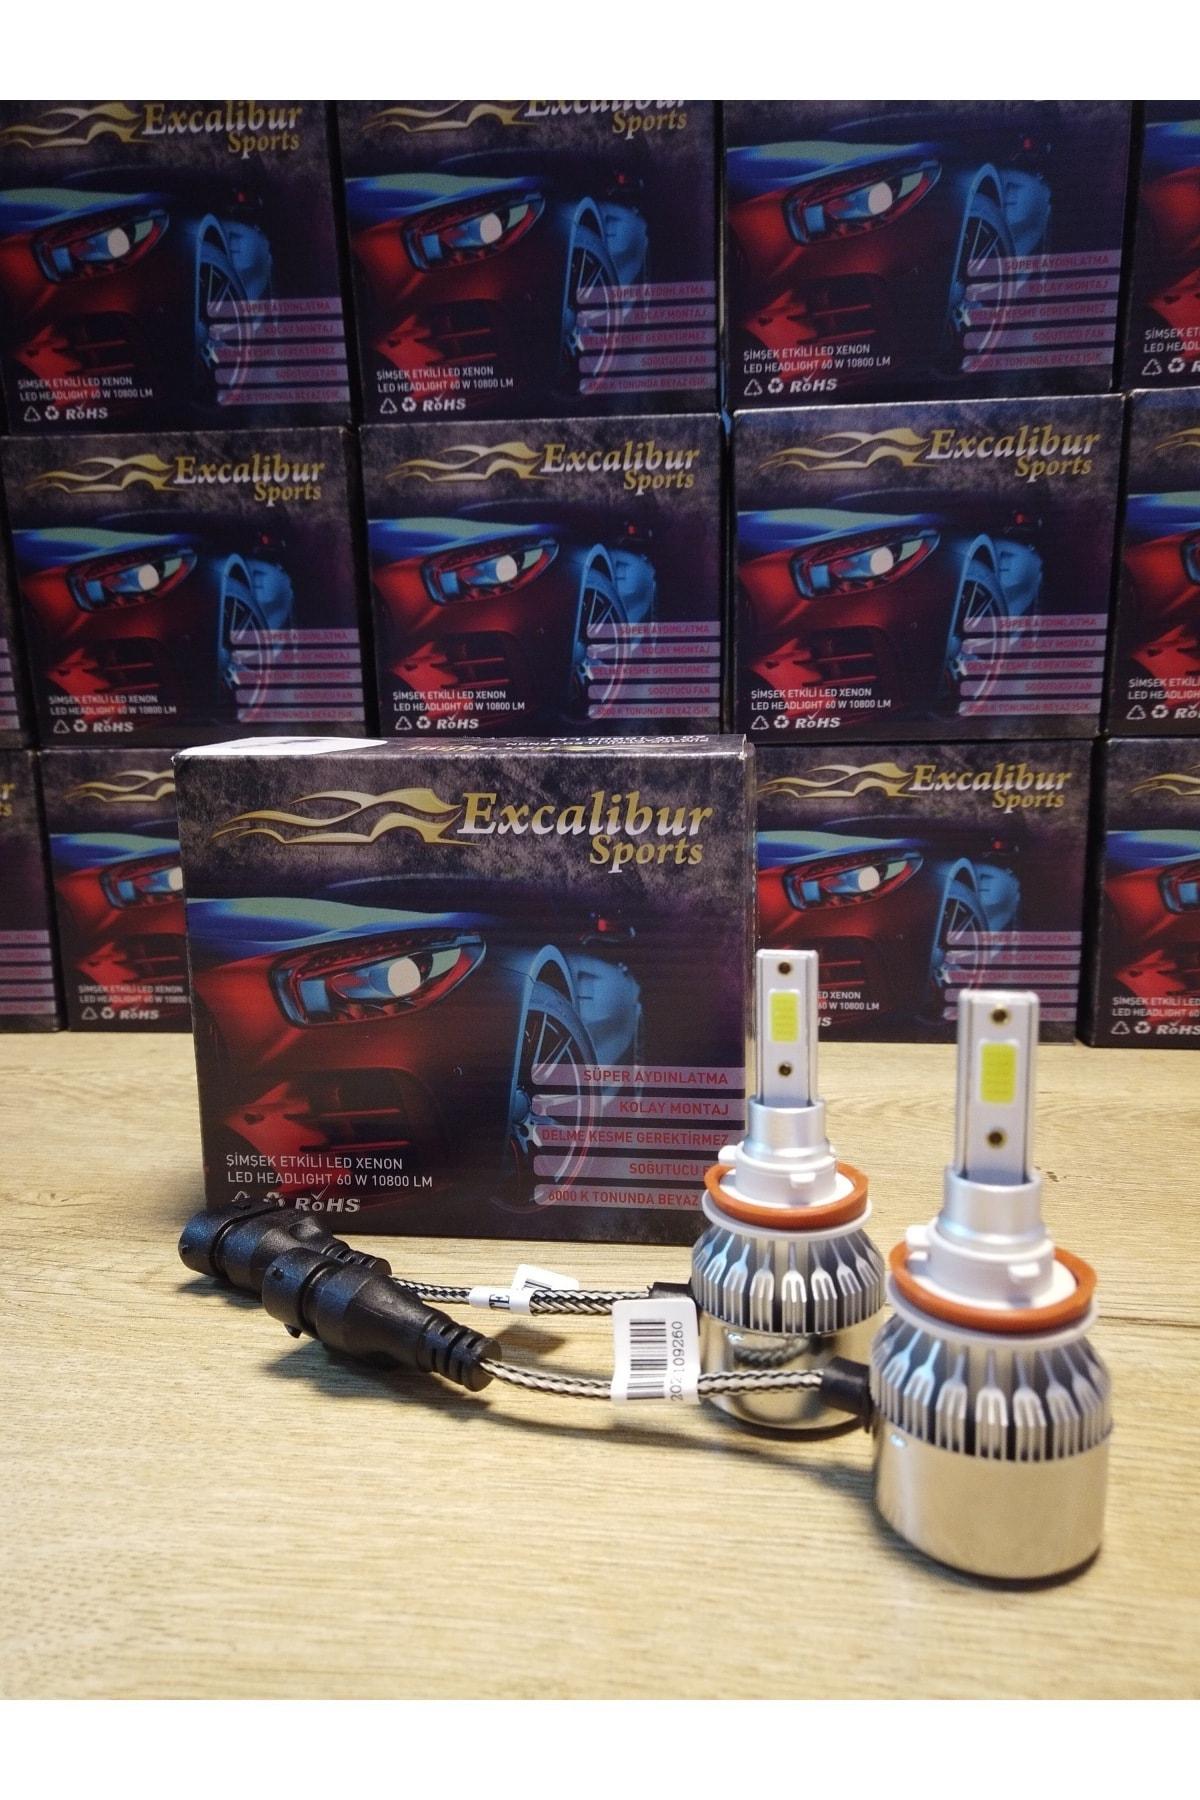 Excalibur H4 Led Xenon Far Ampulü Yeni Nesil Şimşek Etkili Soğutma Fanlı 60w 10800lm 1